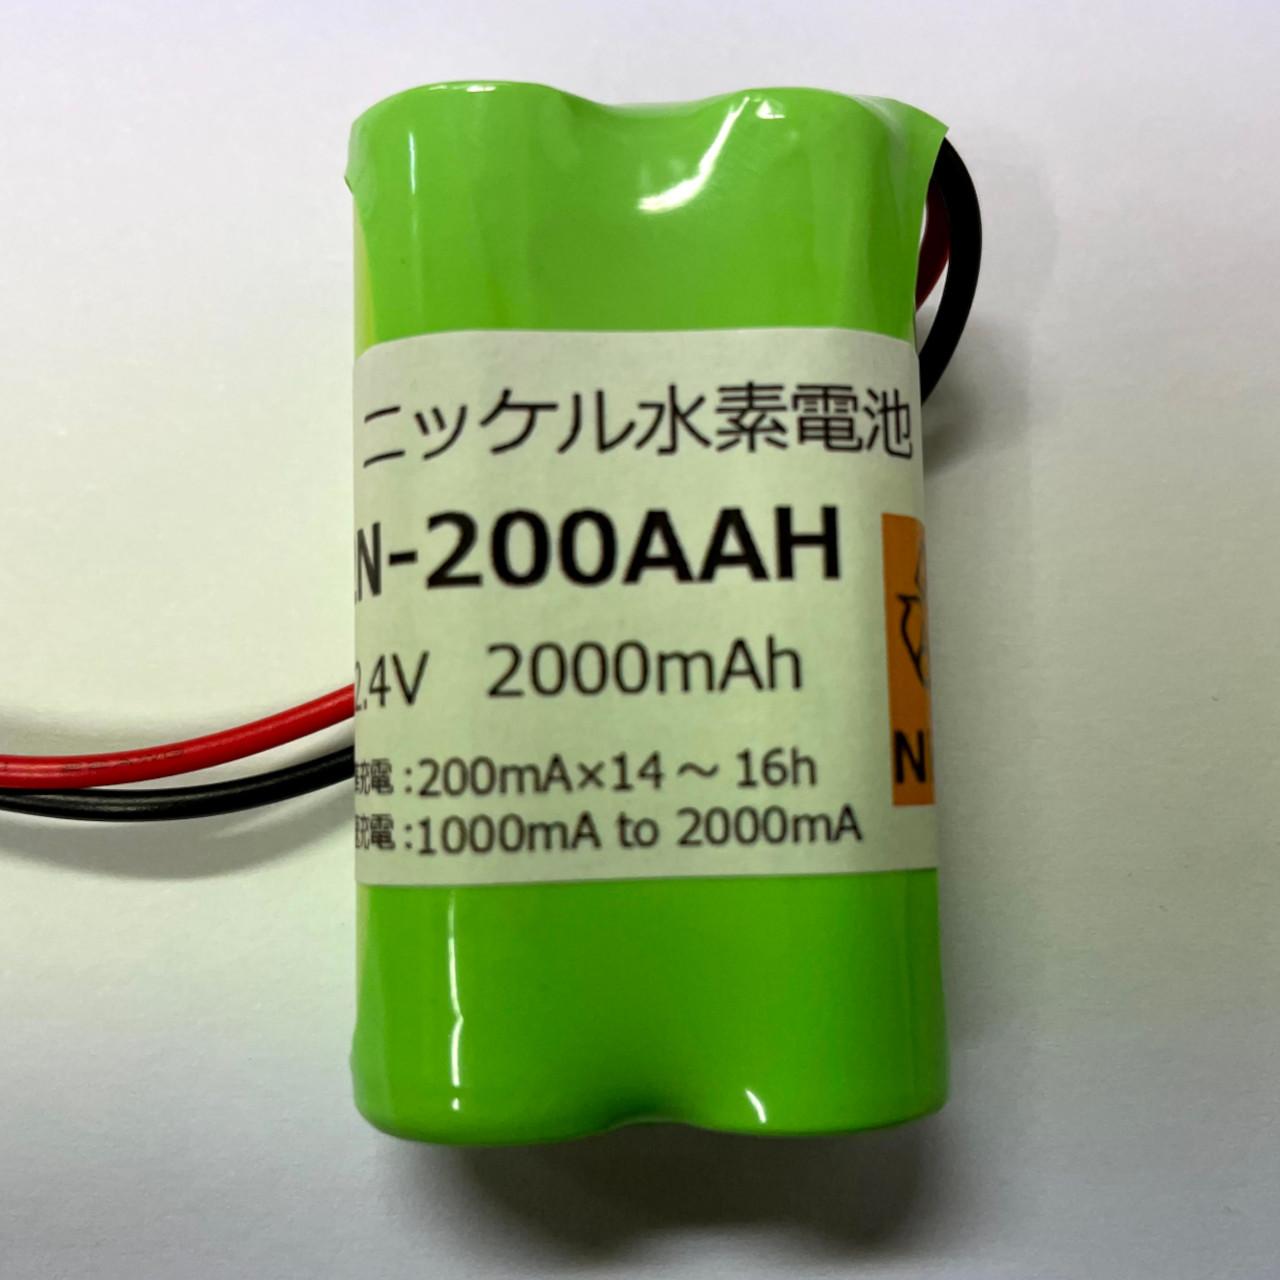 2N-200AAH.jpg